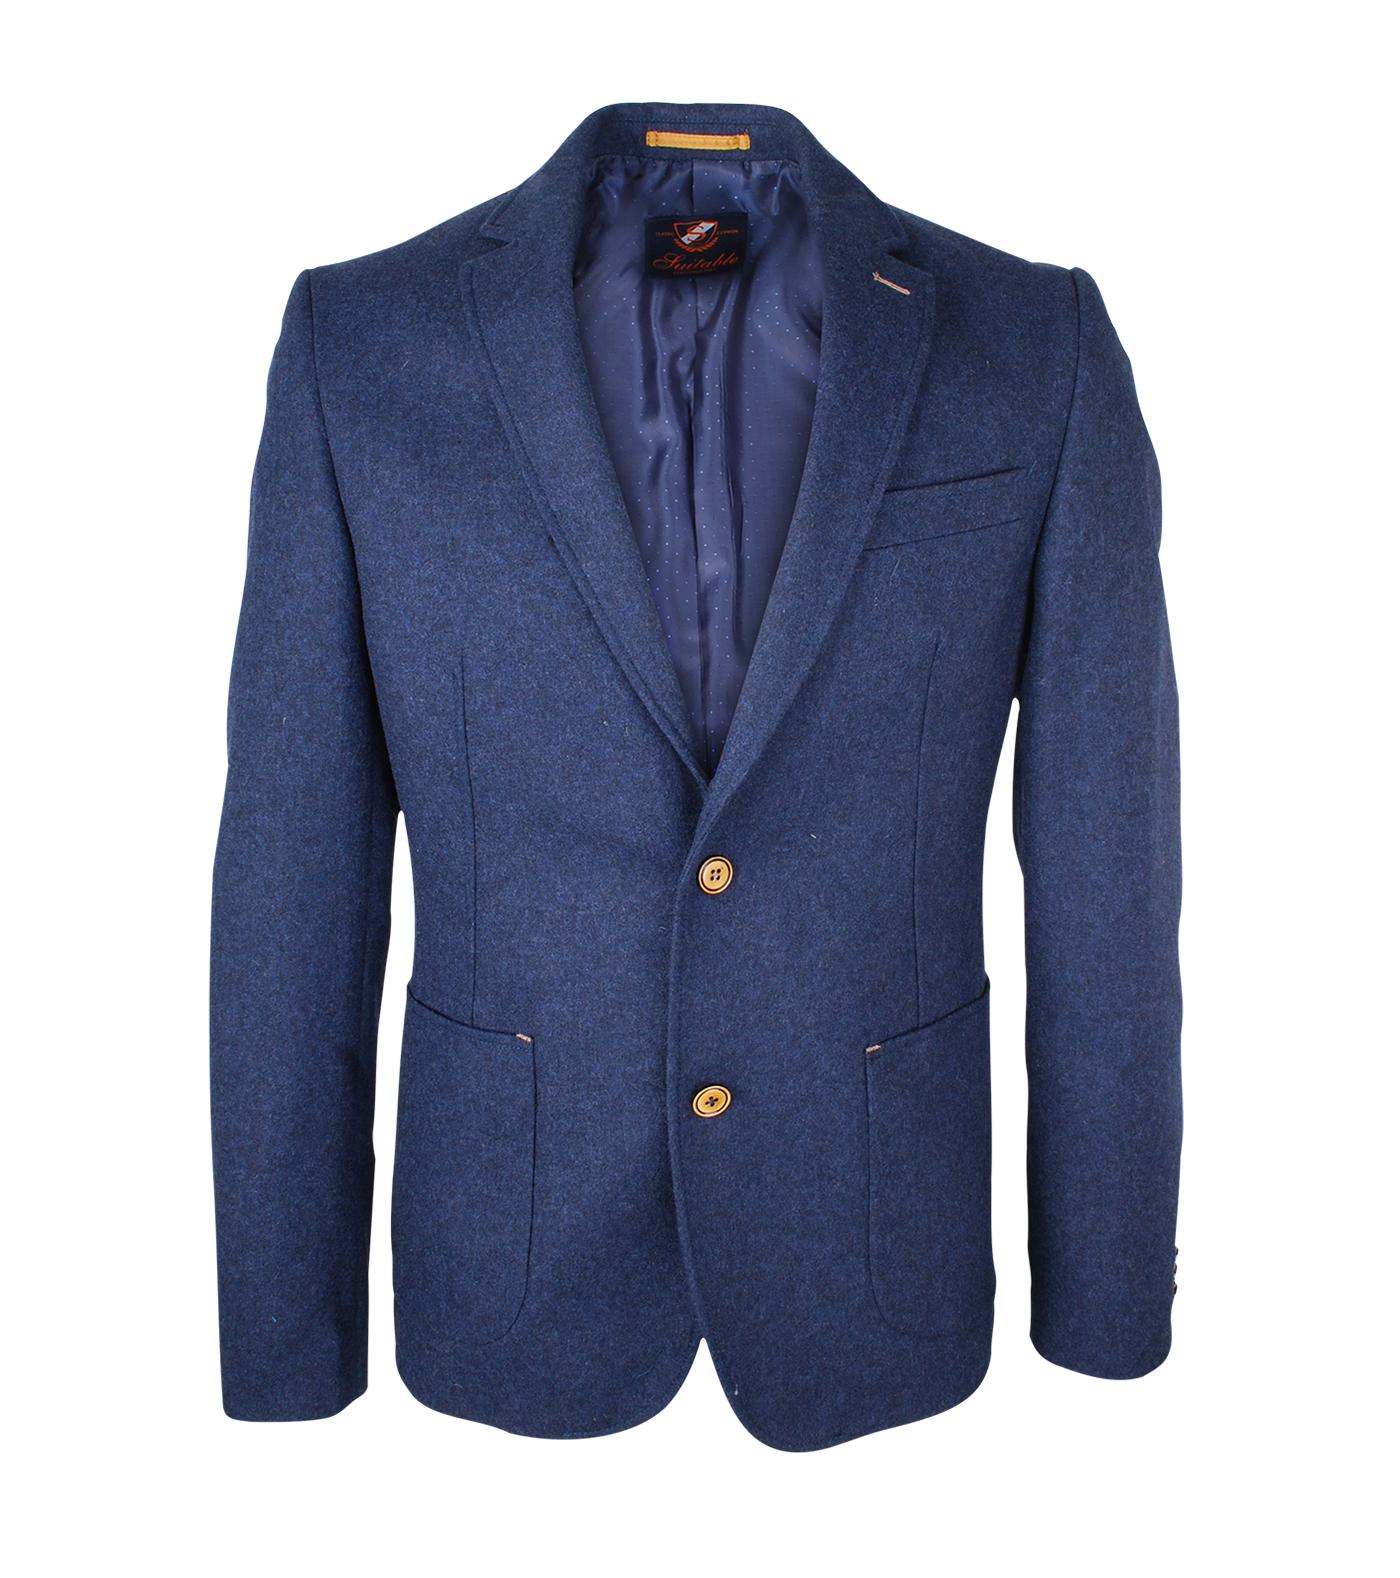 Heren Colbert Outlet Colberts voor heren online kopen? Op To Be Dressed vind je een uitgebreid assortiment nieuwe heren colberts van verschillende materialen, .